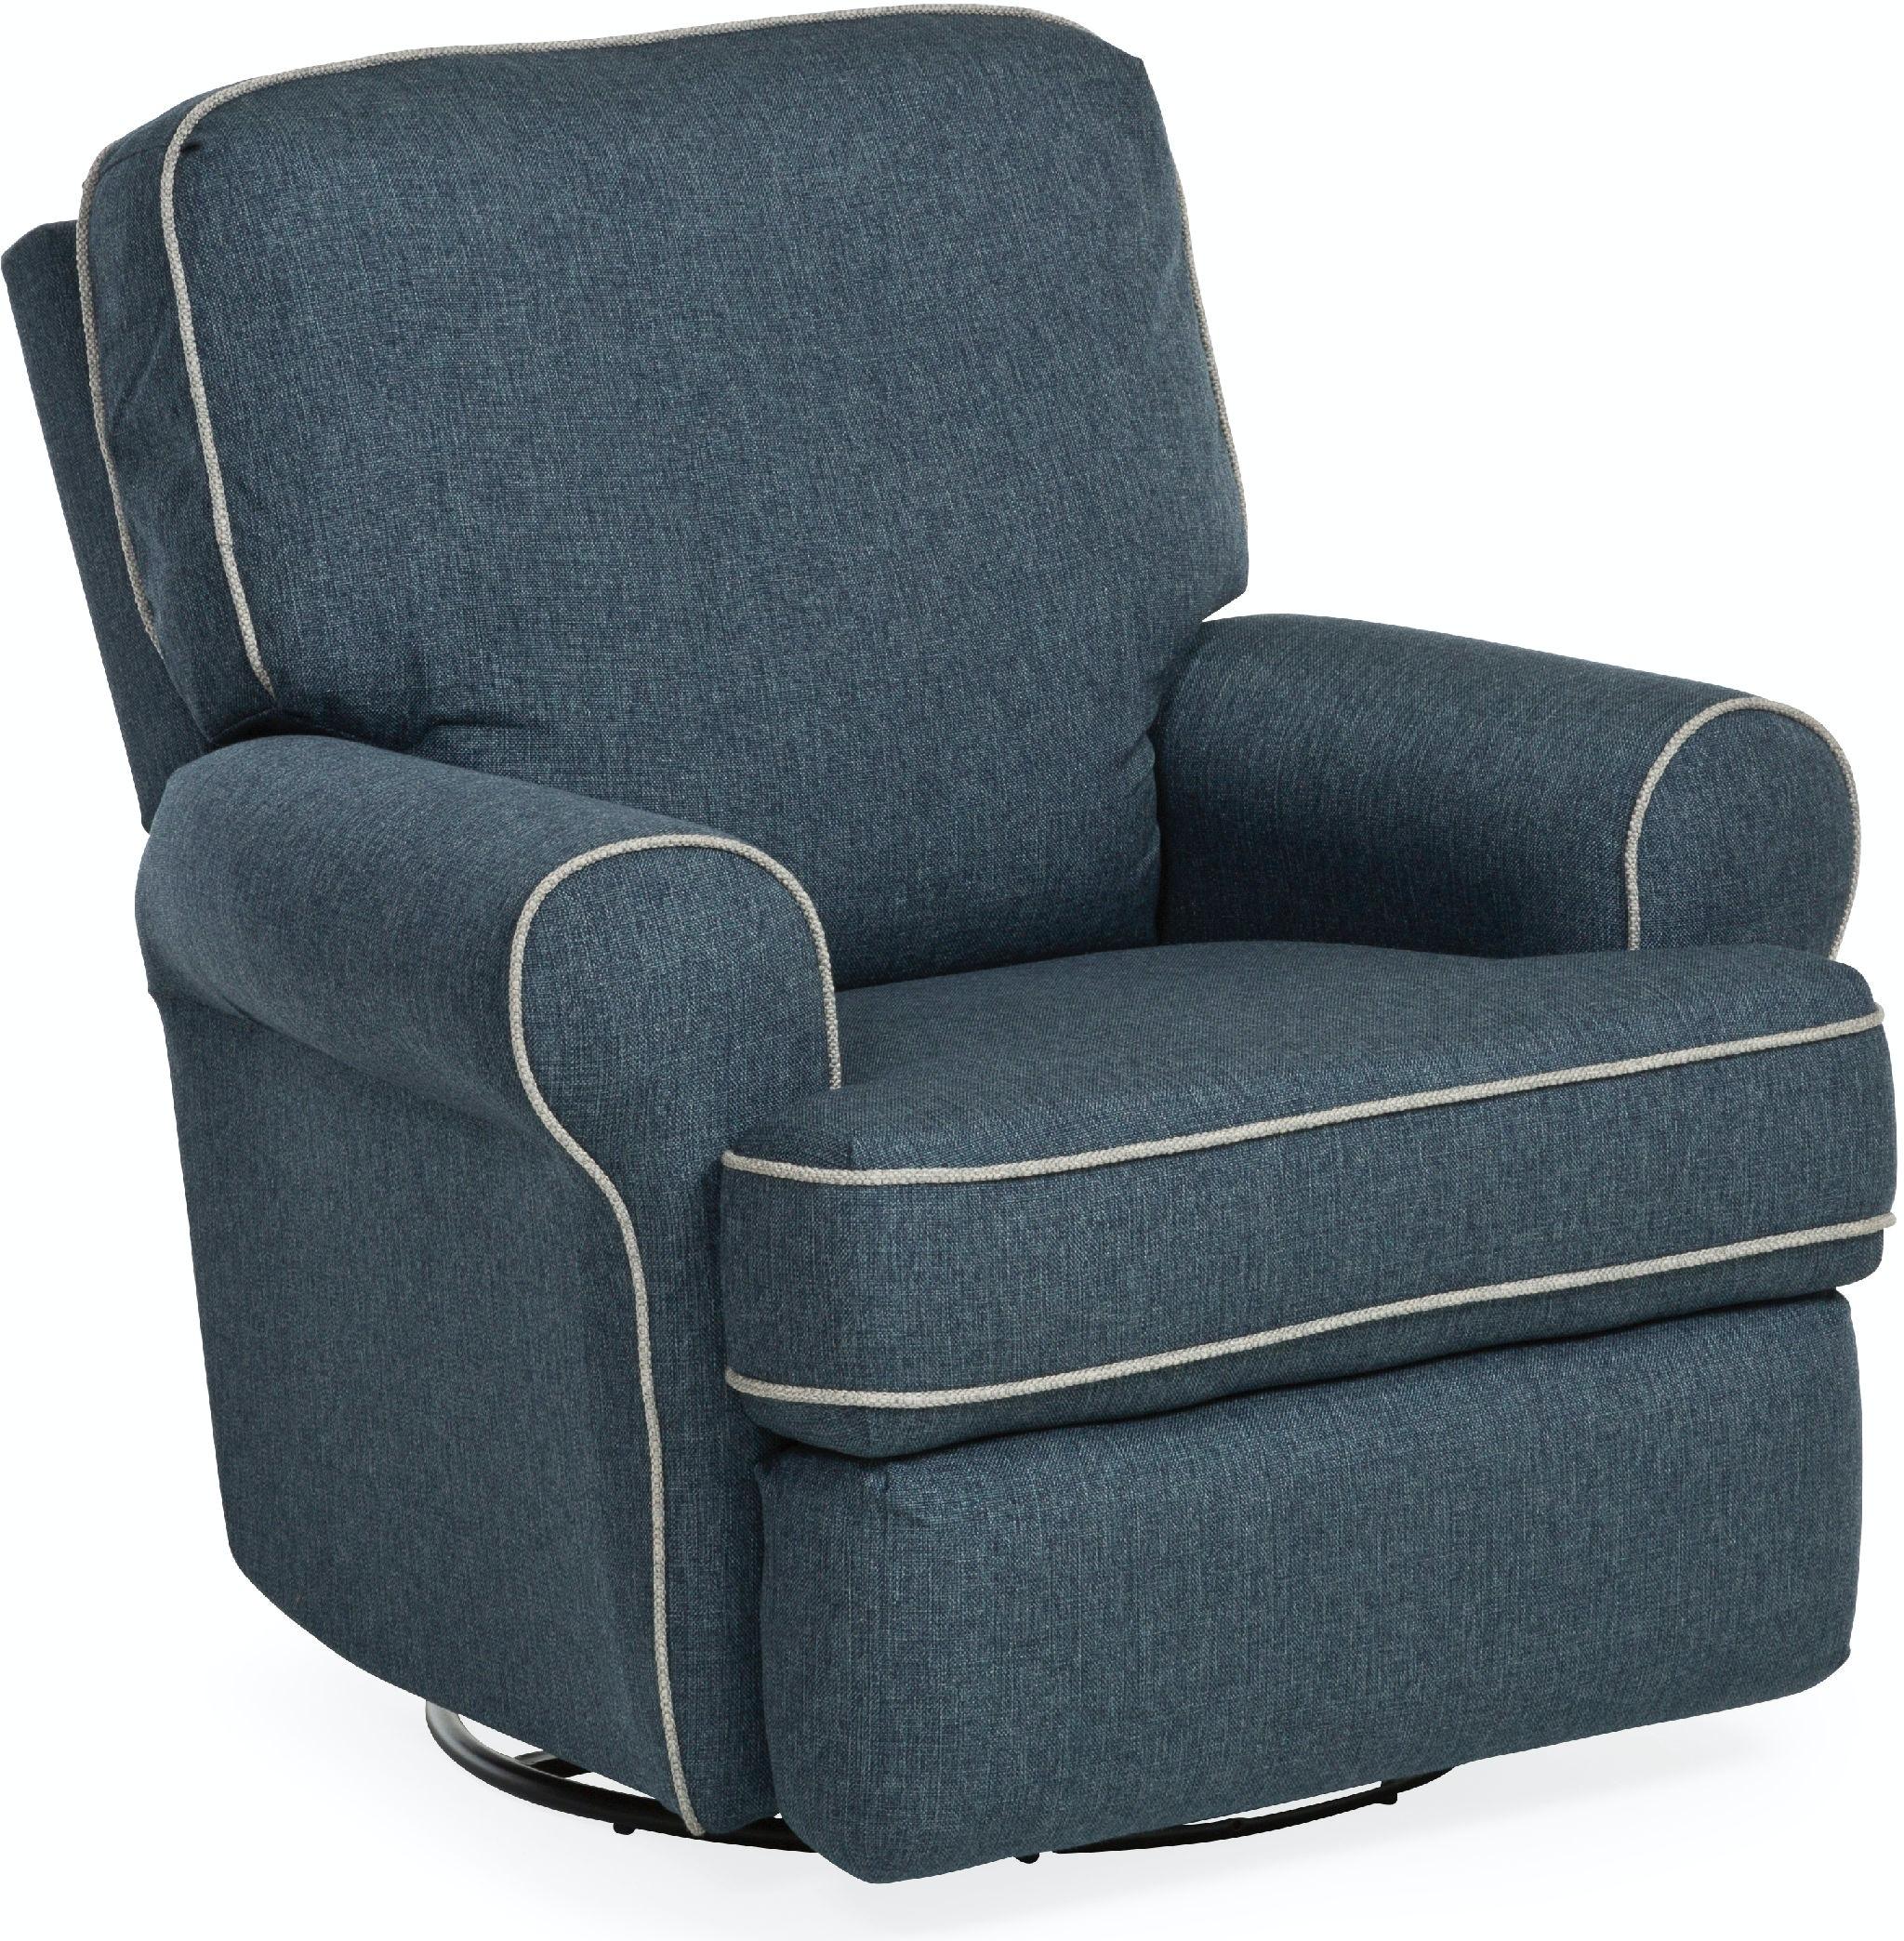 84 Swivel Glider Recliner Chair Meraxr Black Pu